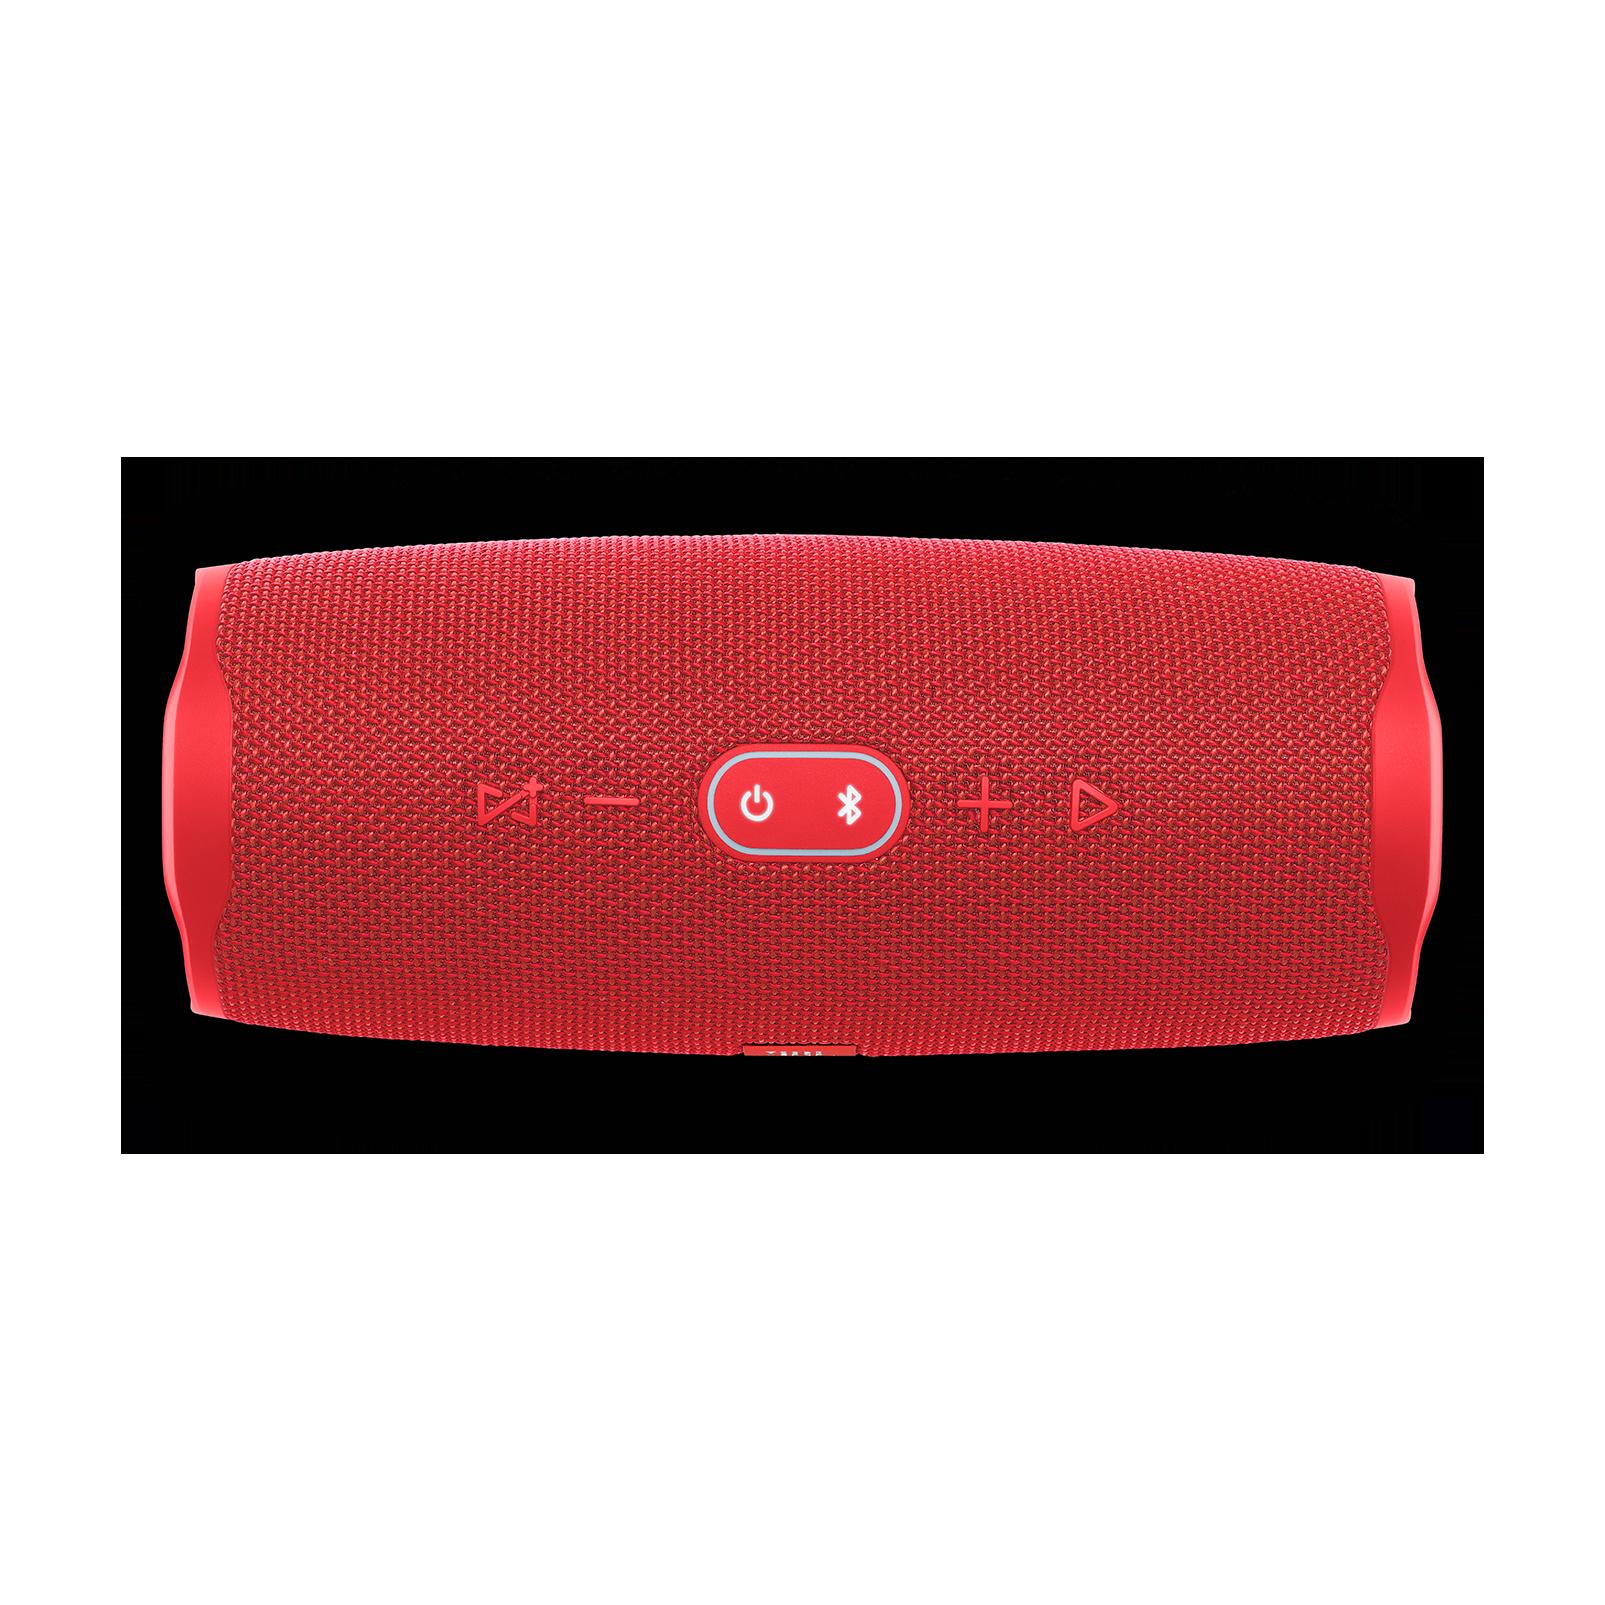 JBL Charge 4 - Red - Portable Bluetooth speaker - Detailshot 1